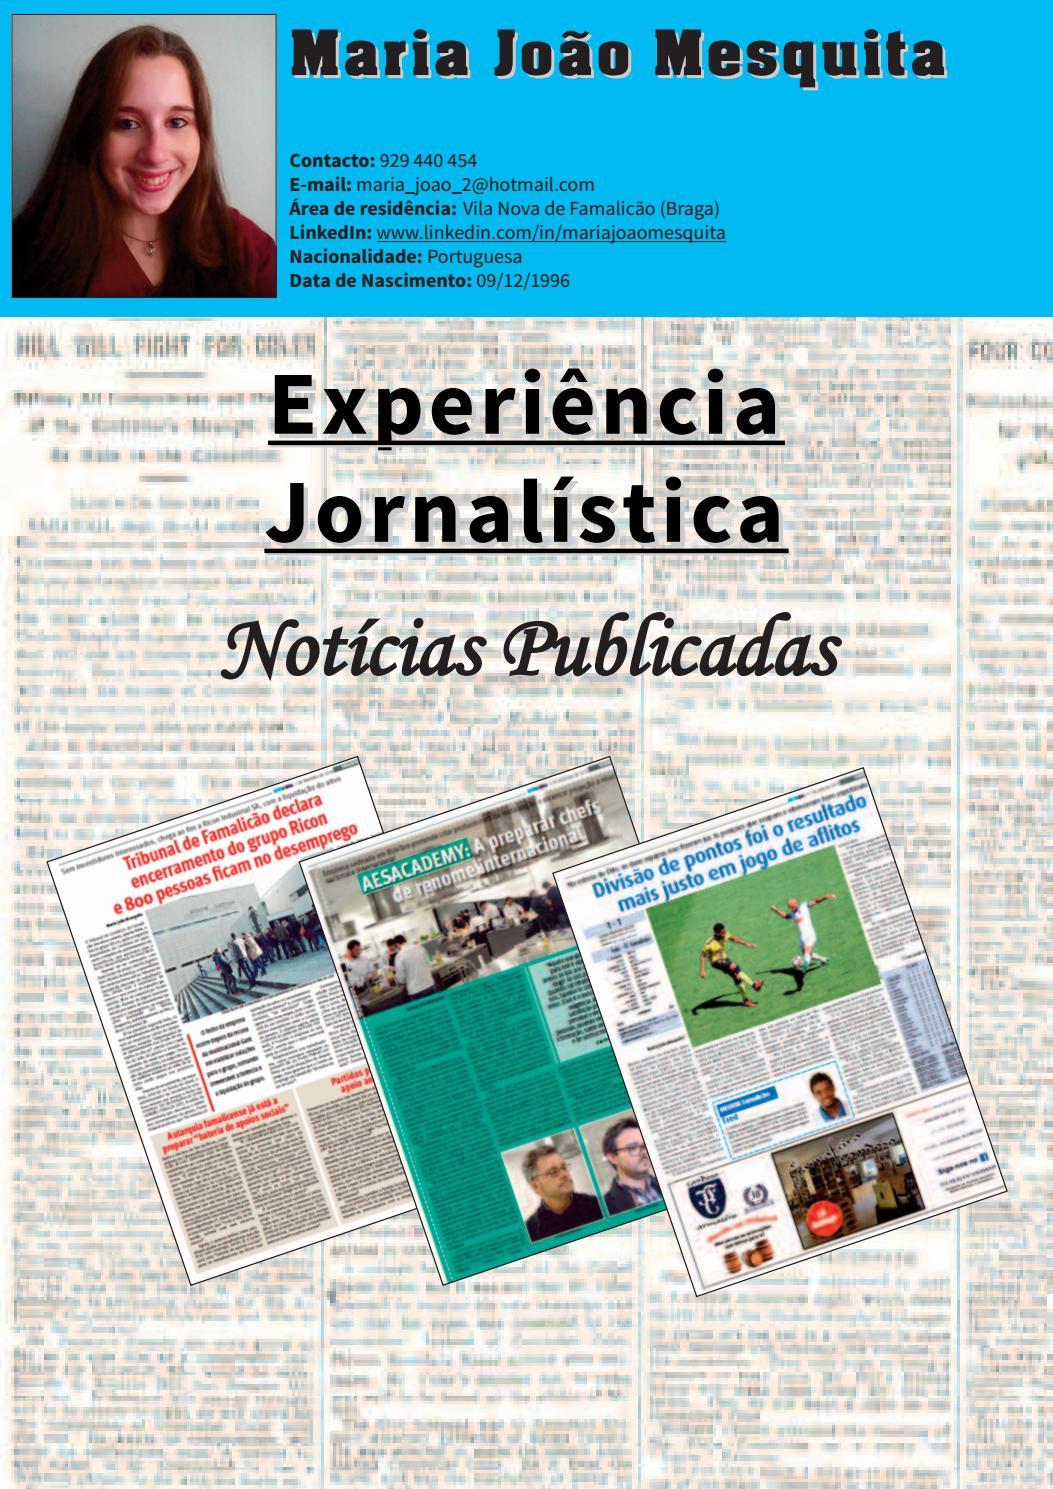 Noticias Publicadas Maria Joao by Maria João Mesquita - issuu bae4b57b3d0